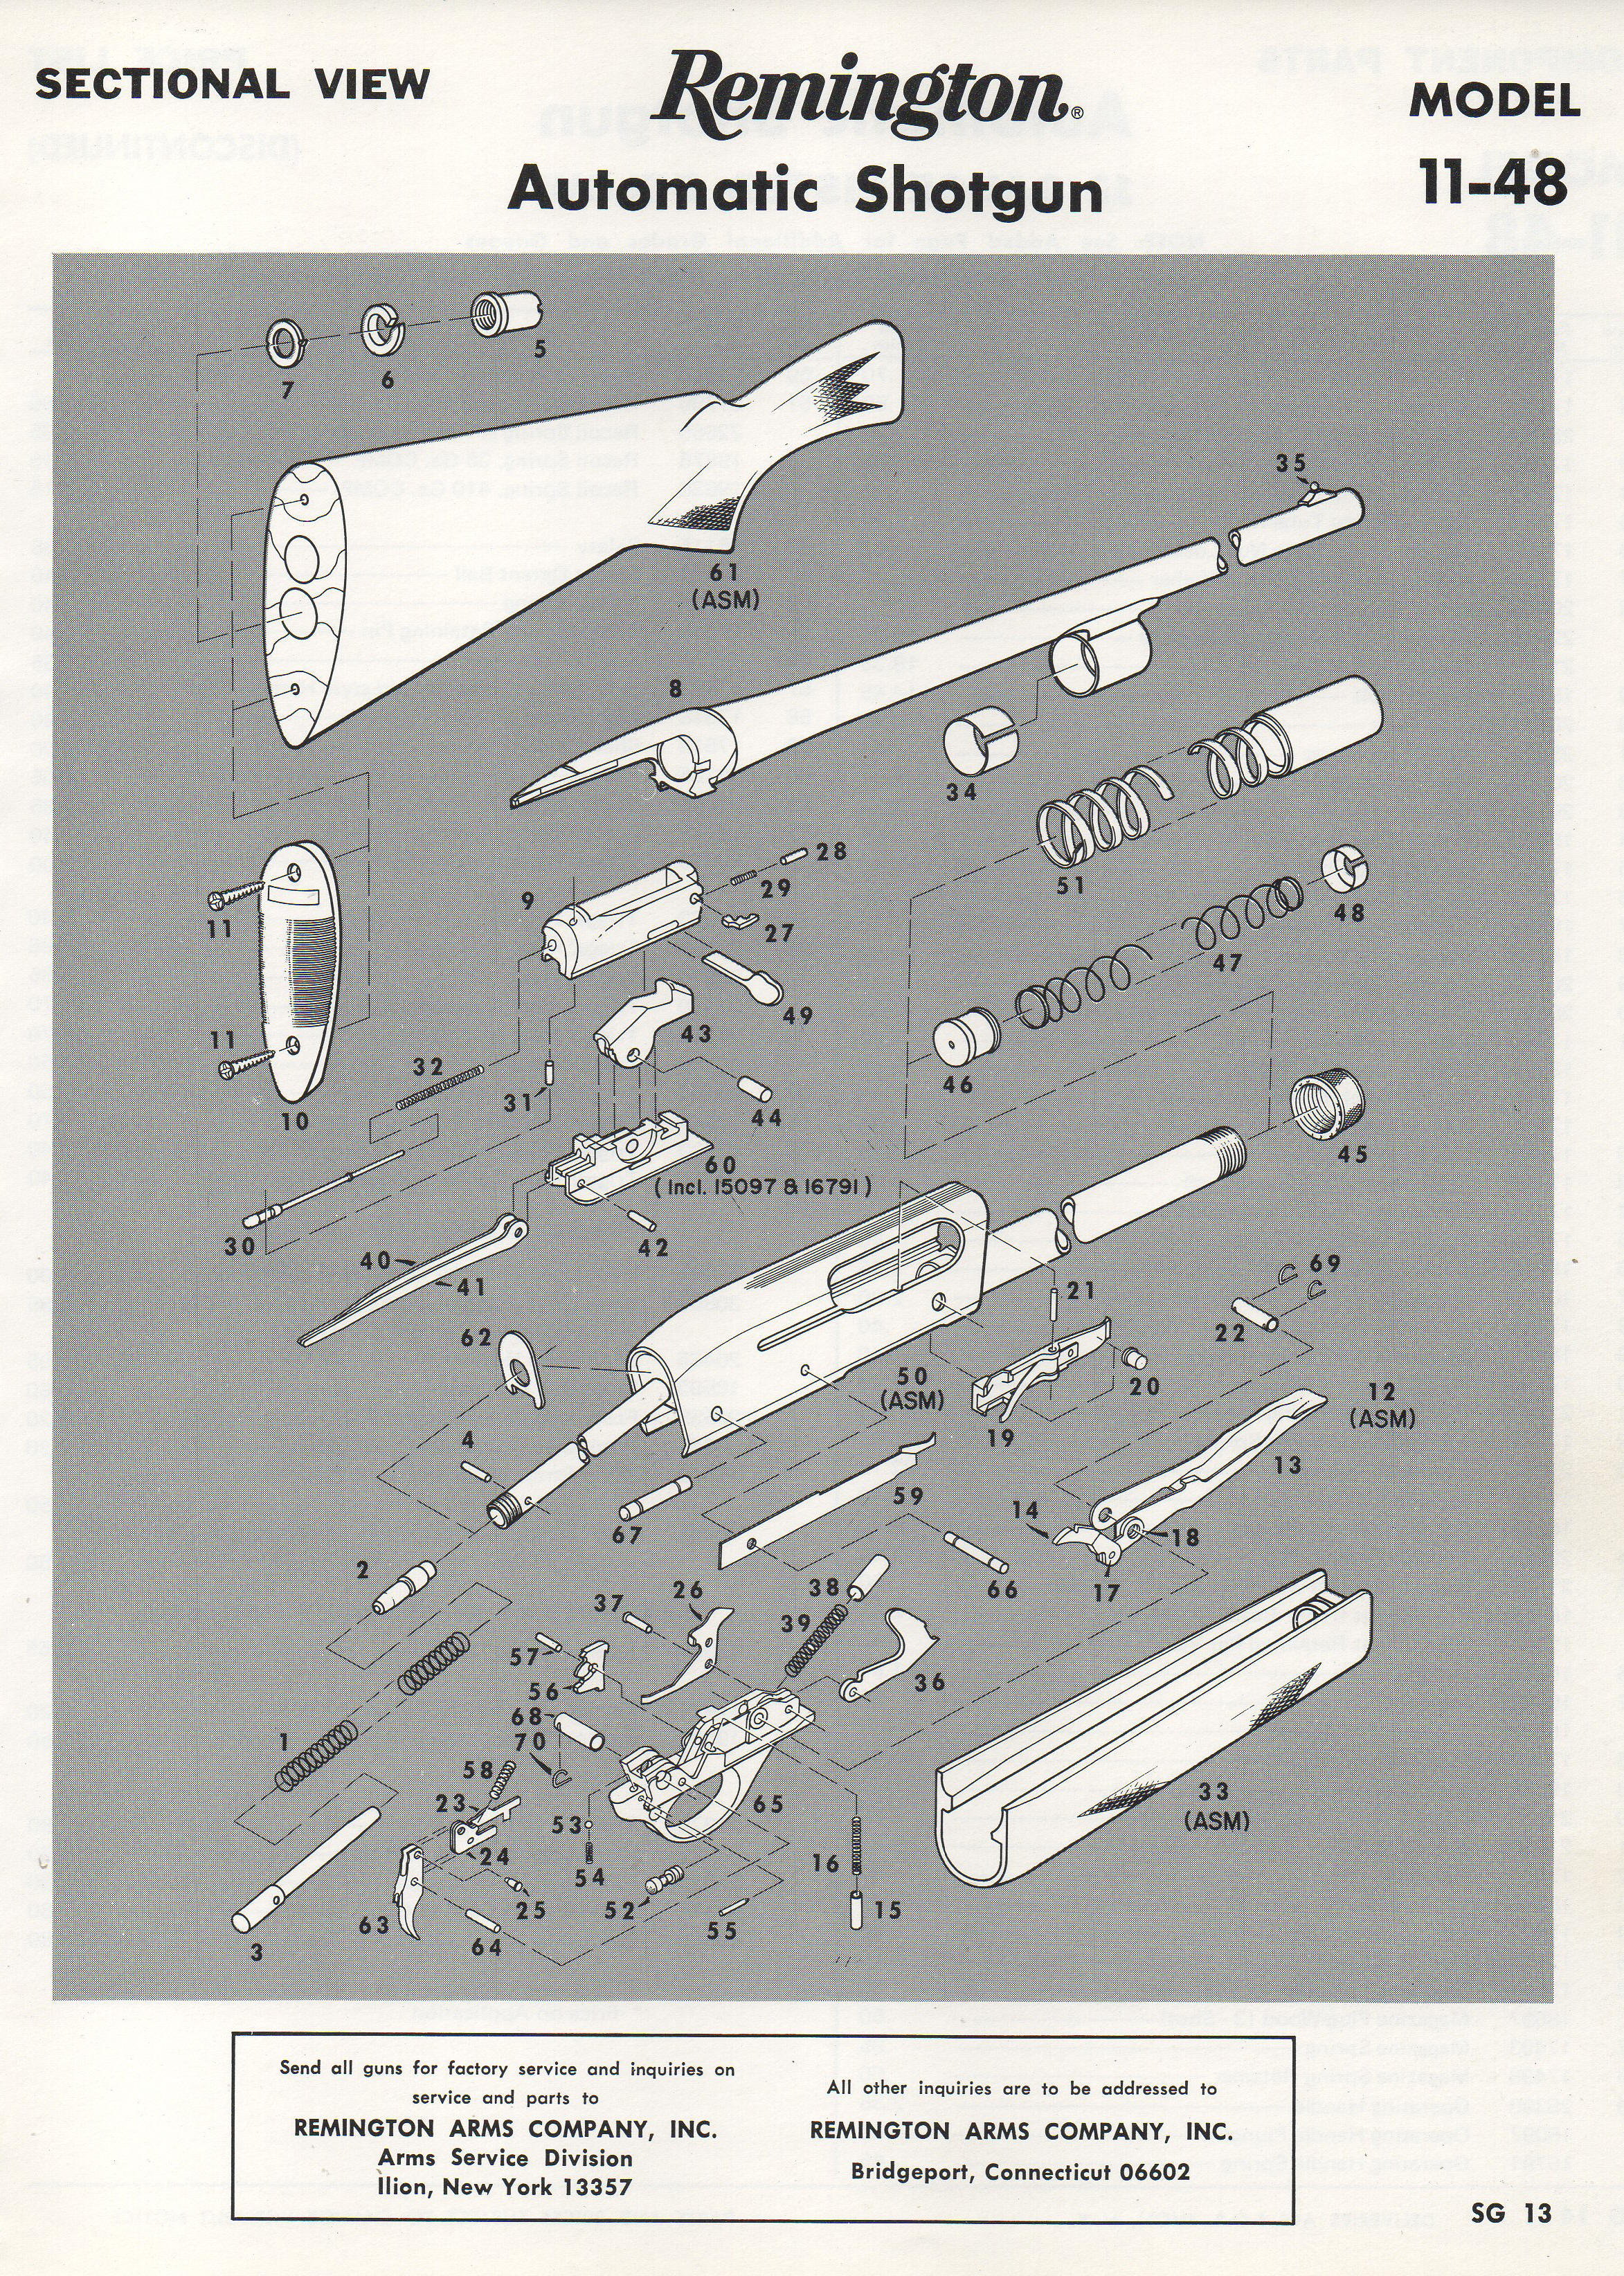 Remington 11-48 Semi-Auto Shotgu